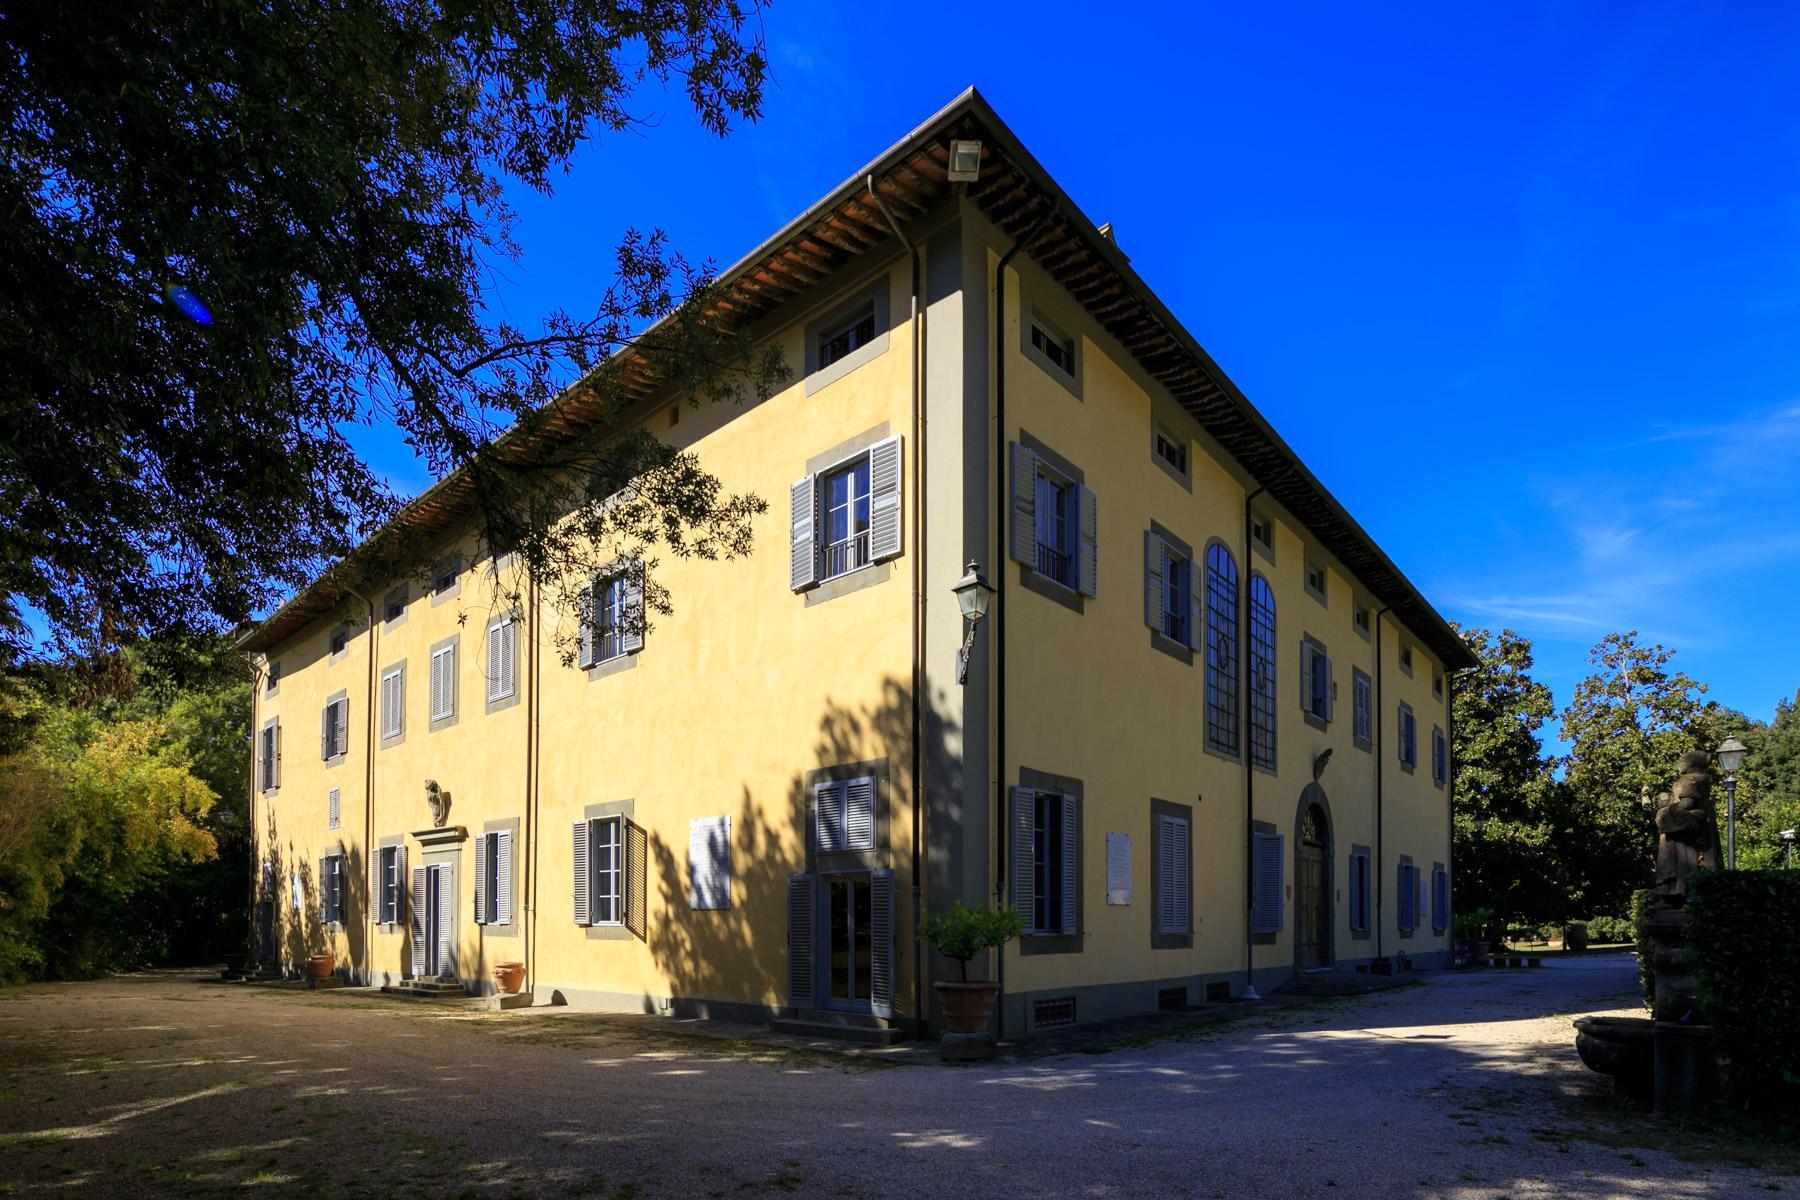 Wunderschöne Villa aus dem 16. Jahrhundert - 21